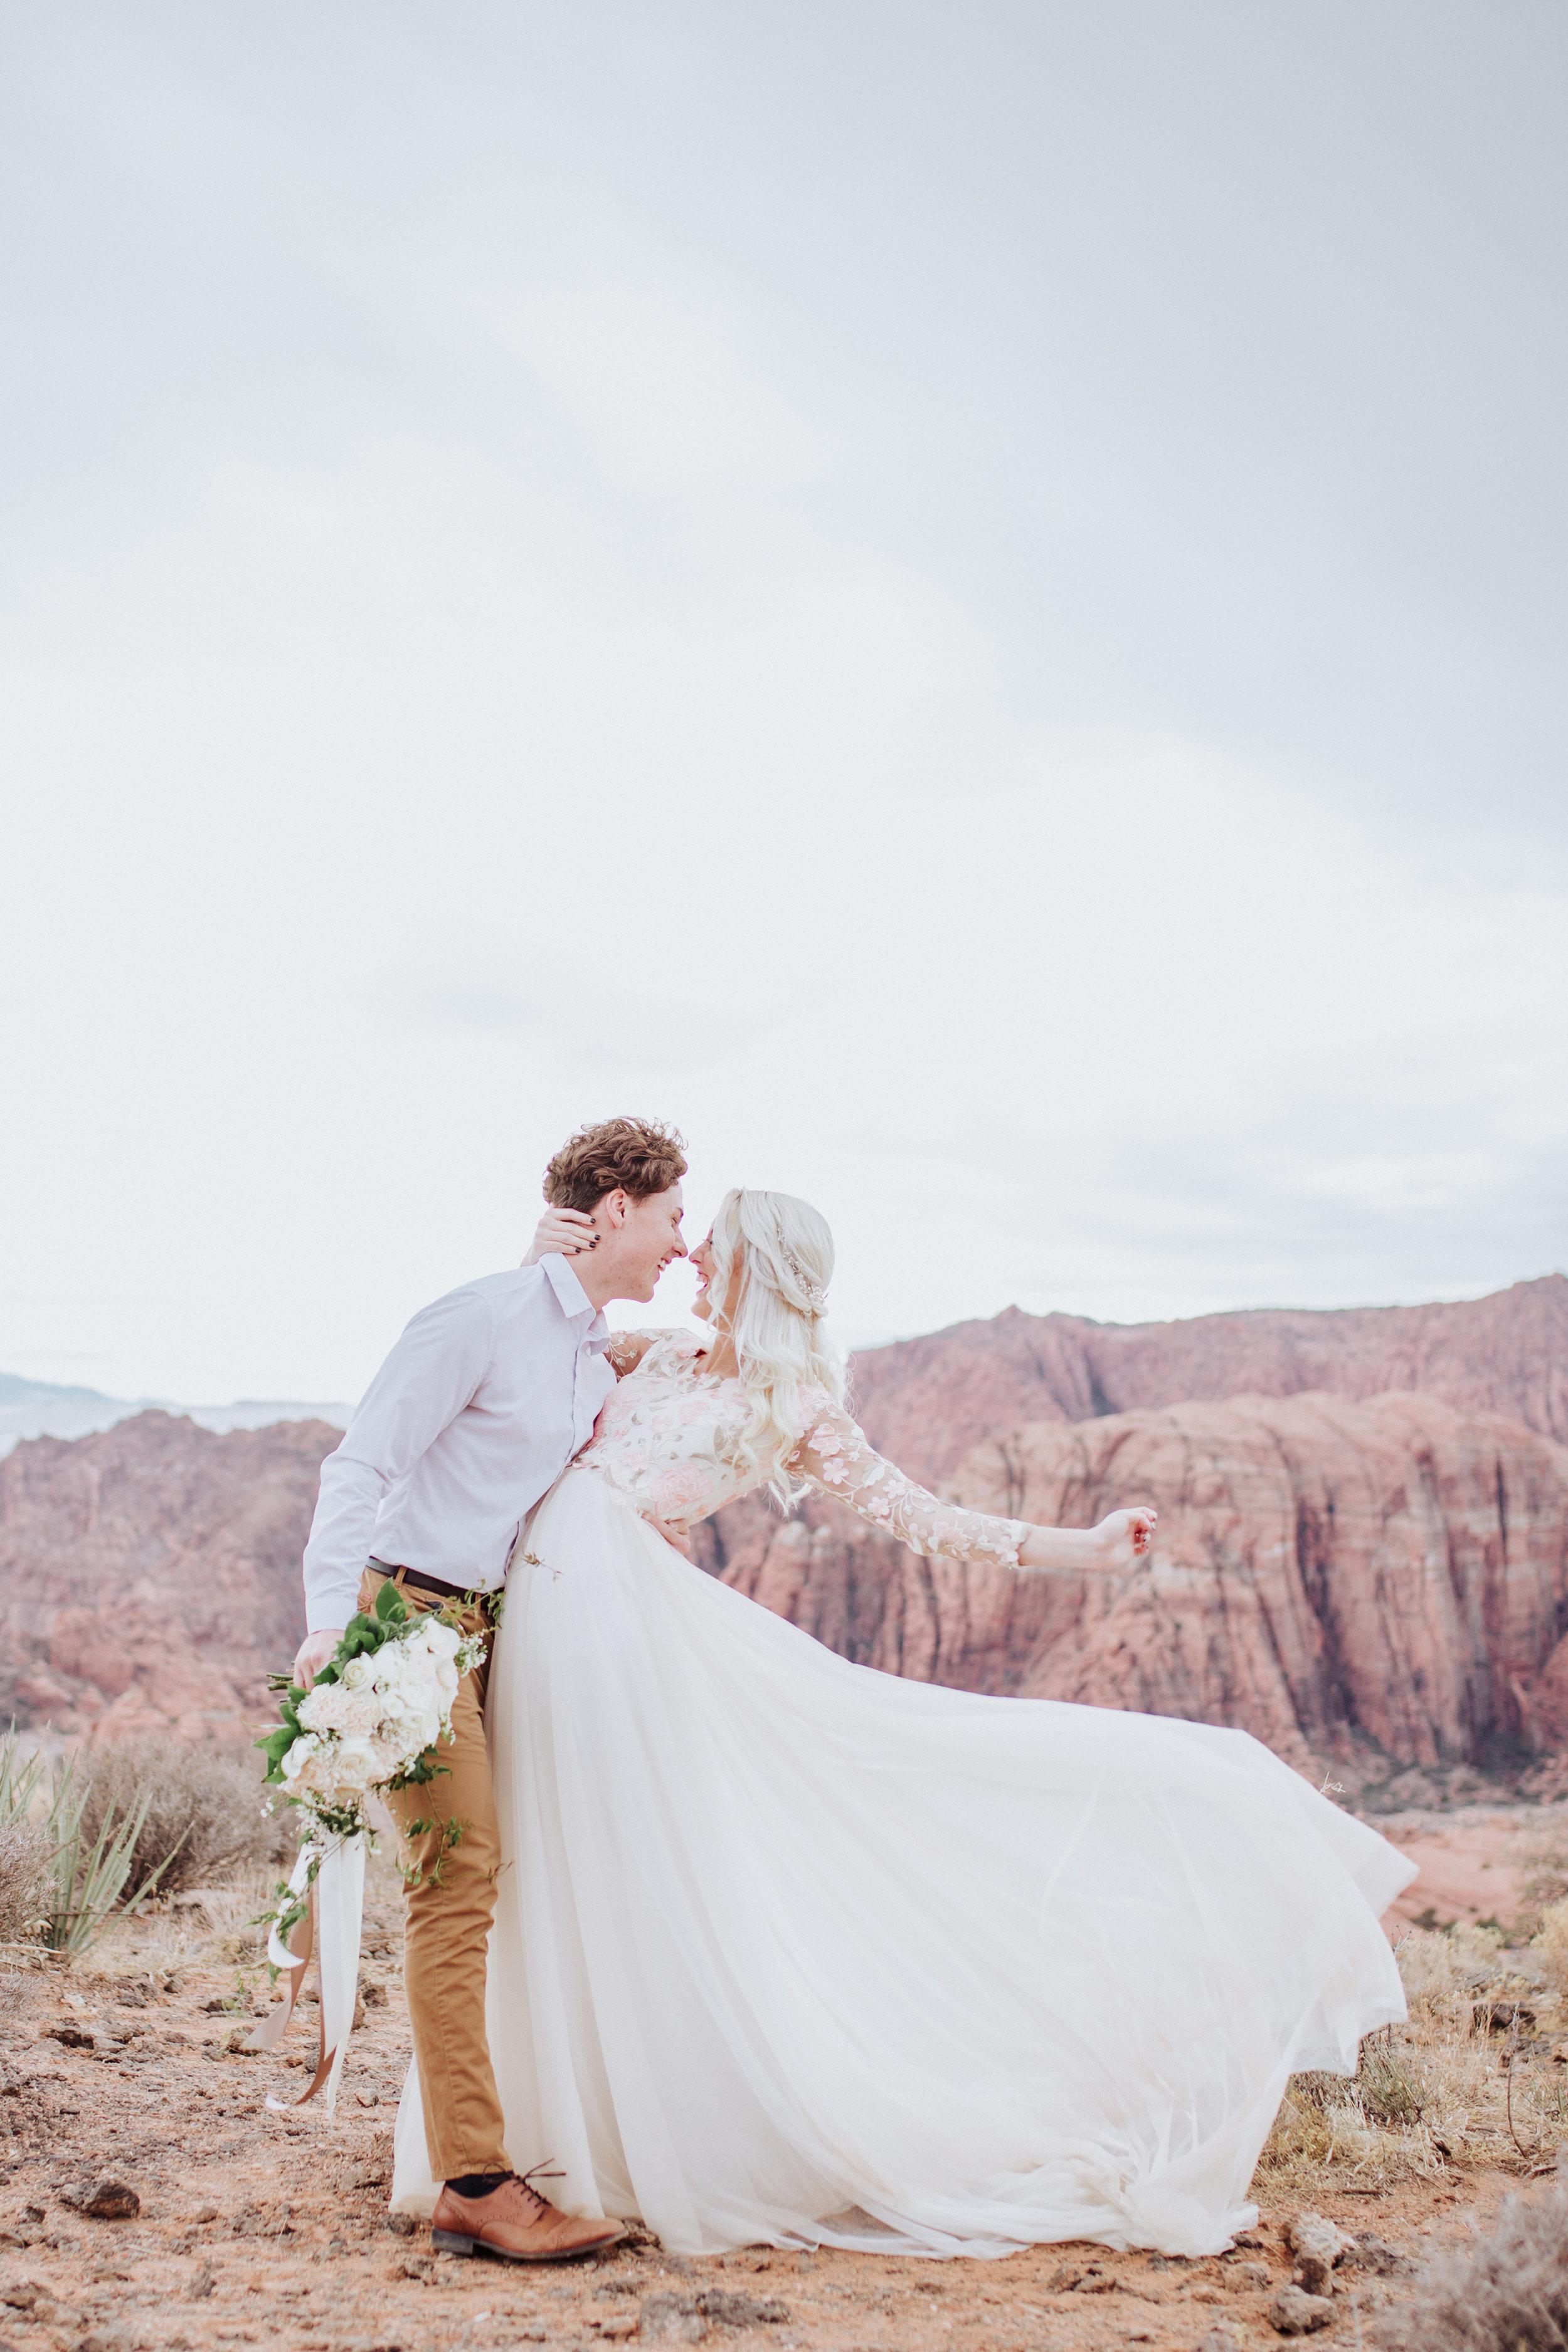 sc ss bridals-44.jpg